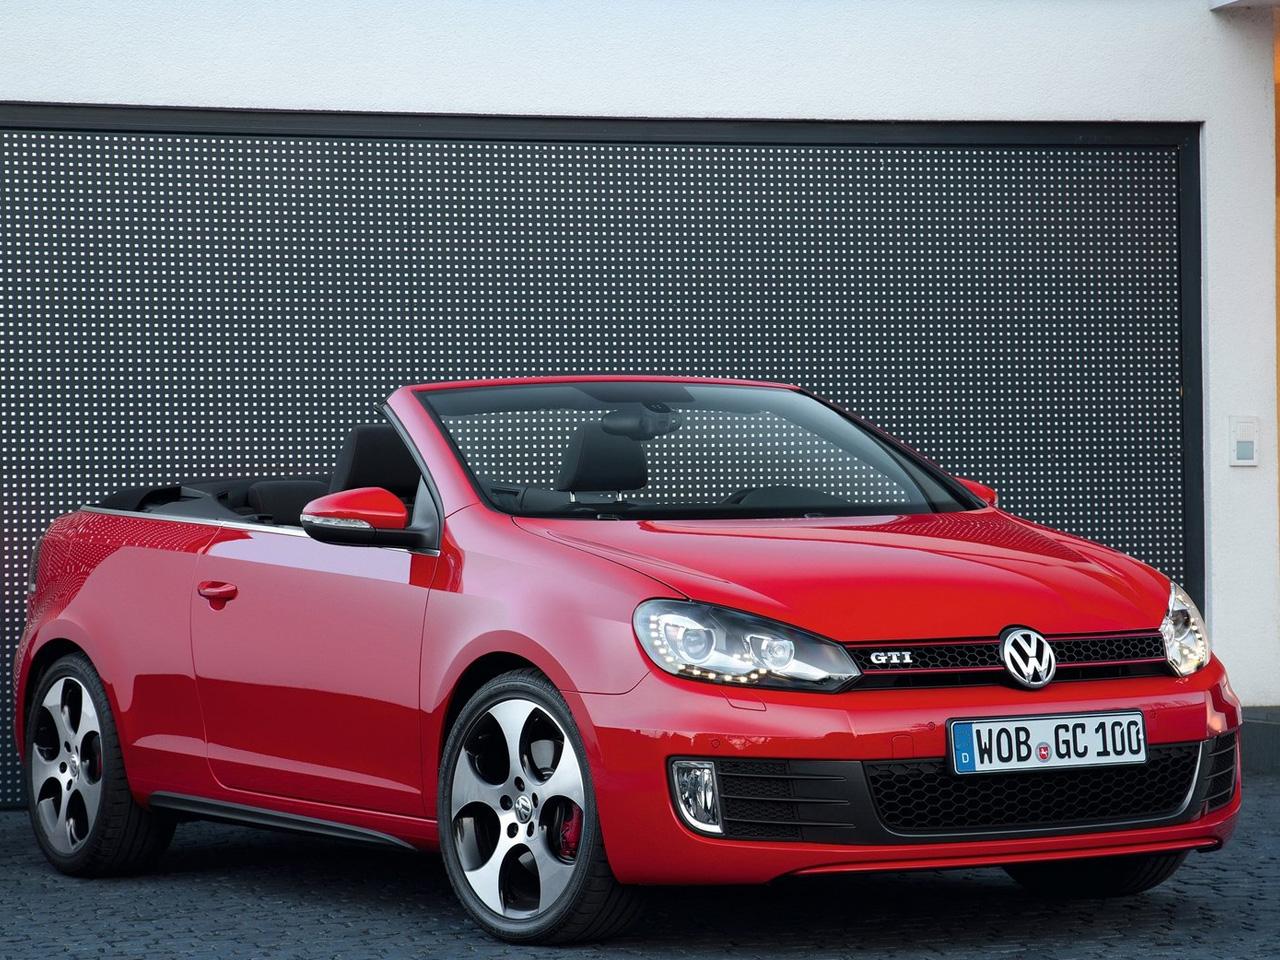 2013 volkswagen golf gti cabriolet review. Black Bedroom Furniture Sets. Home Design Ideas